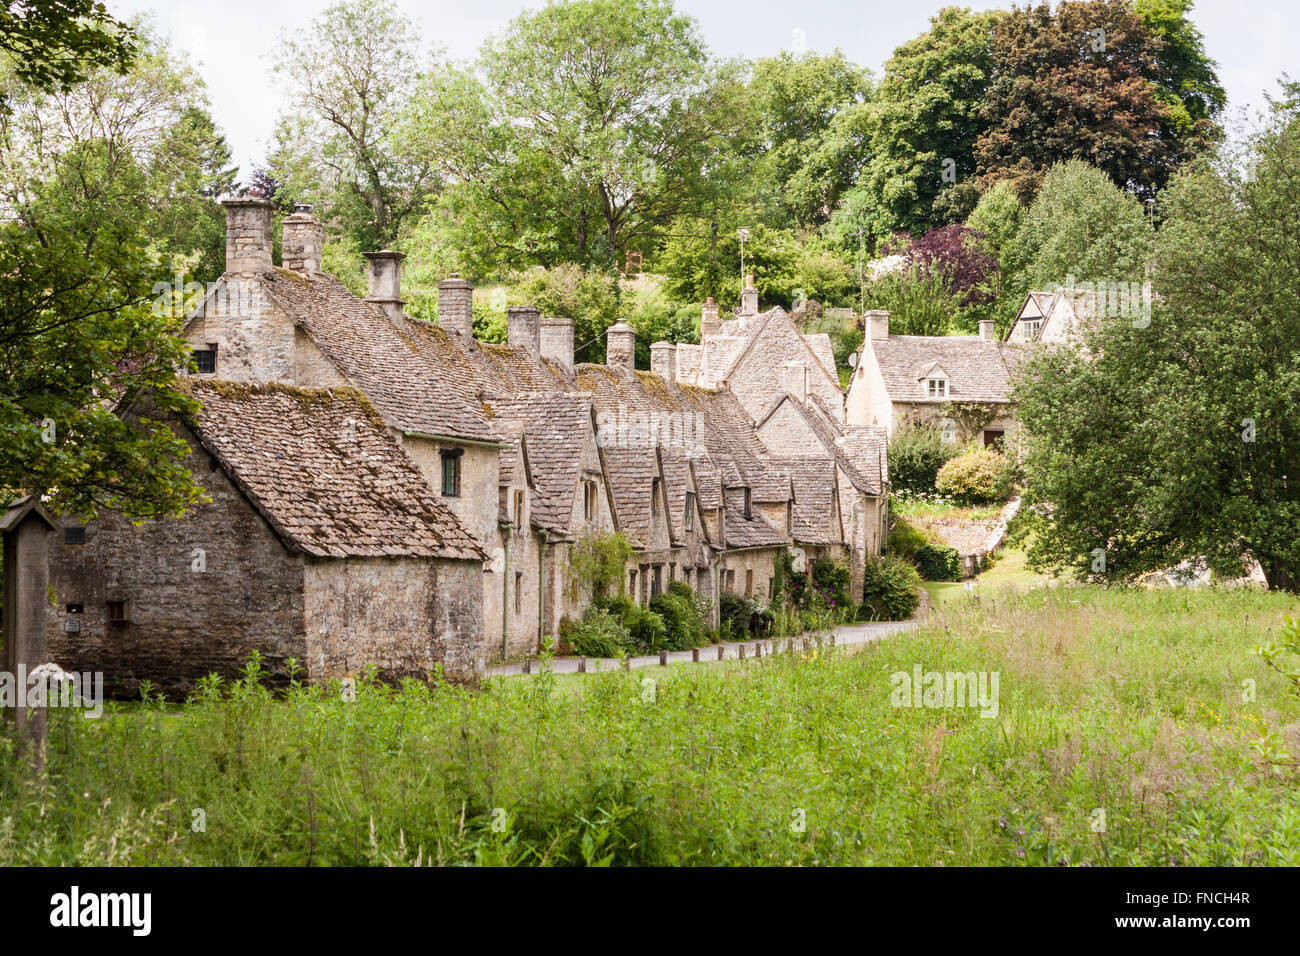 Arlington Row cottages, Bibury, Gloucestershire, Cotswolds, England, GB, UK. - Stock Image